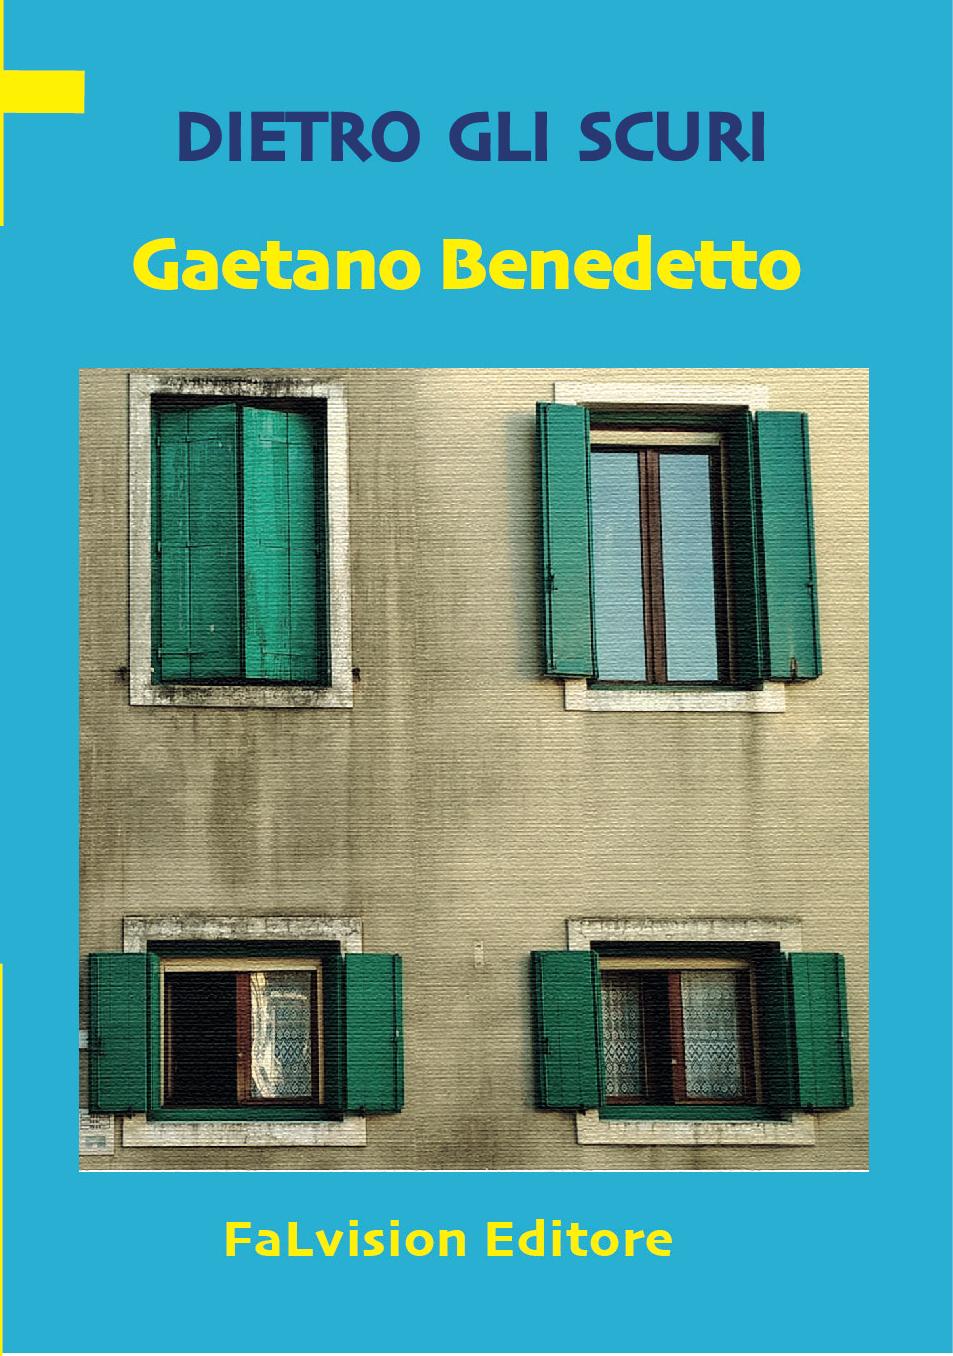 Dietro gli scuri, Gaetano Benedetto